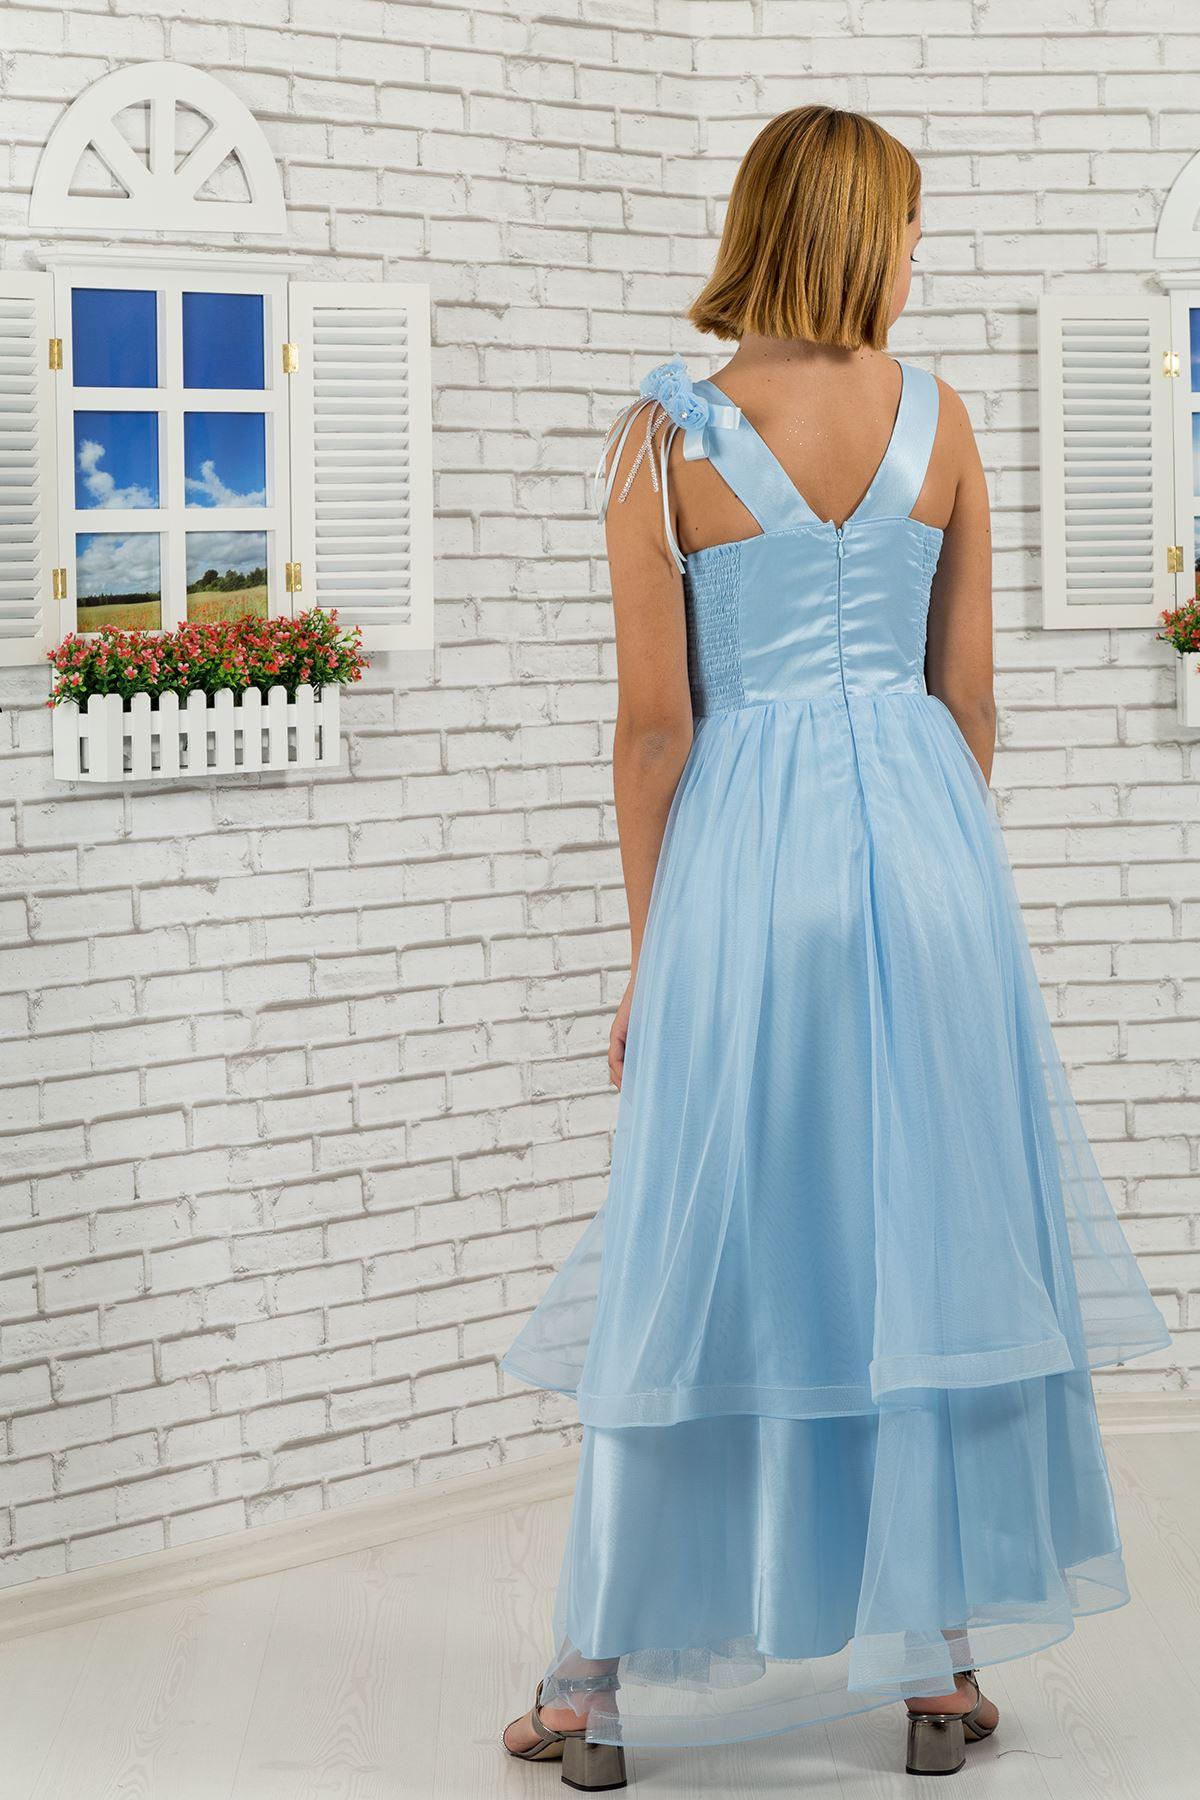 Corps paillettes, épaule et taille fleur détaillée, étage couche tulle Fille Enfants Robe de soirée 465 Bébé Bleu